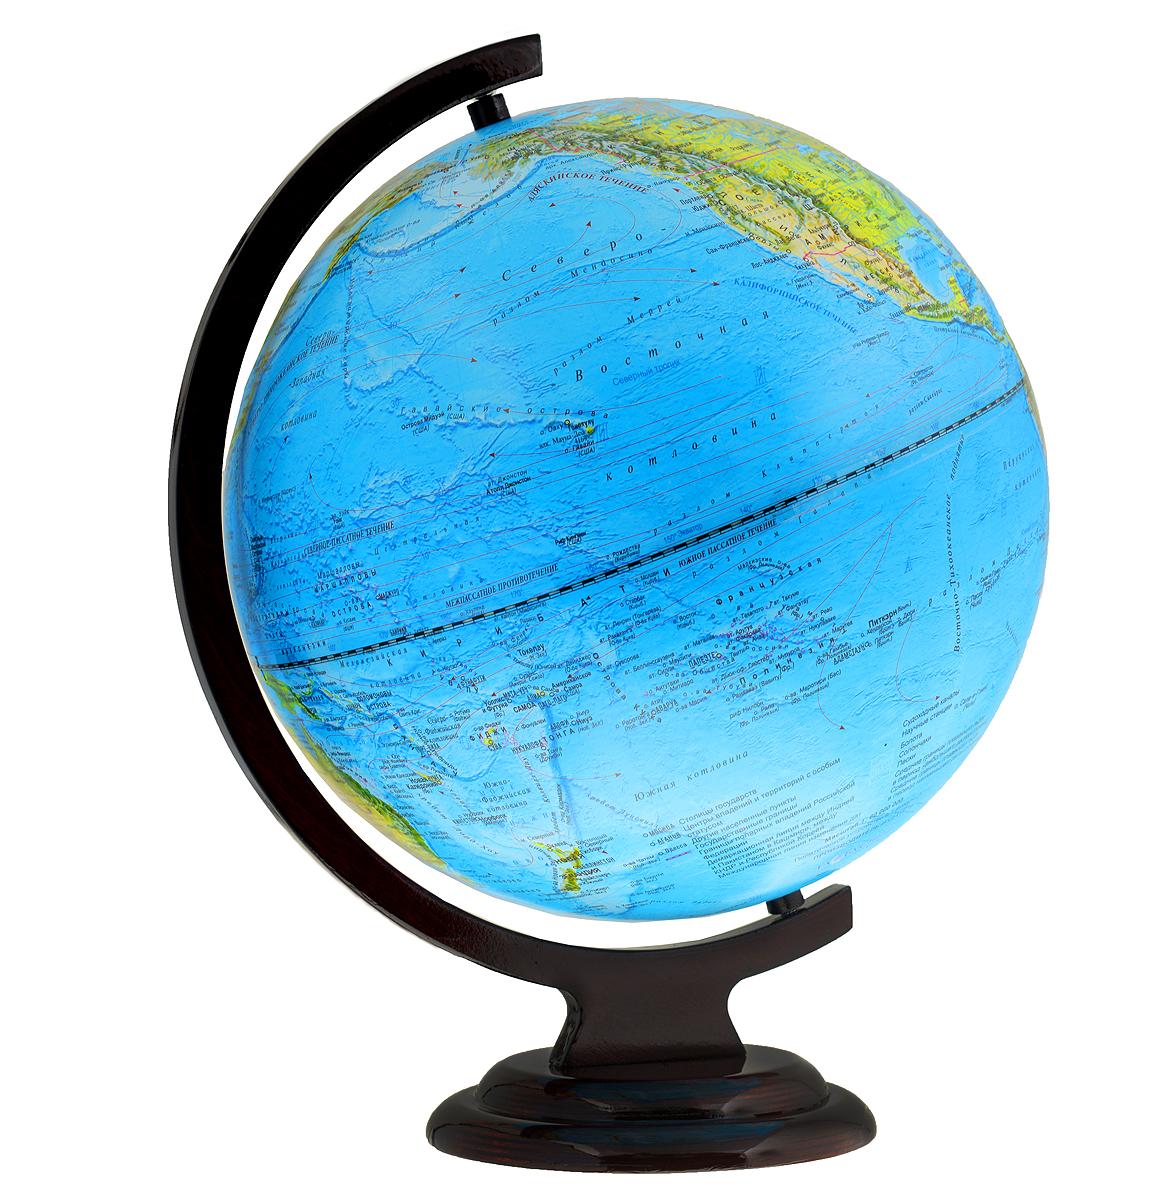 Глобус настольный, с физической картой мира диаметр 32 см.  10245 Глобусный мир